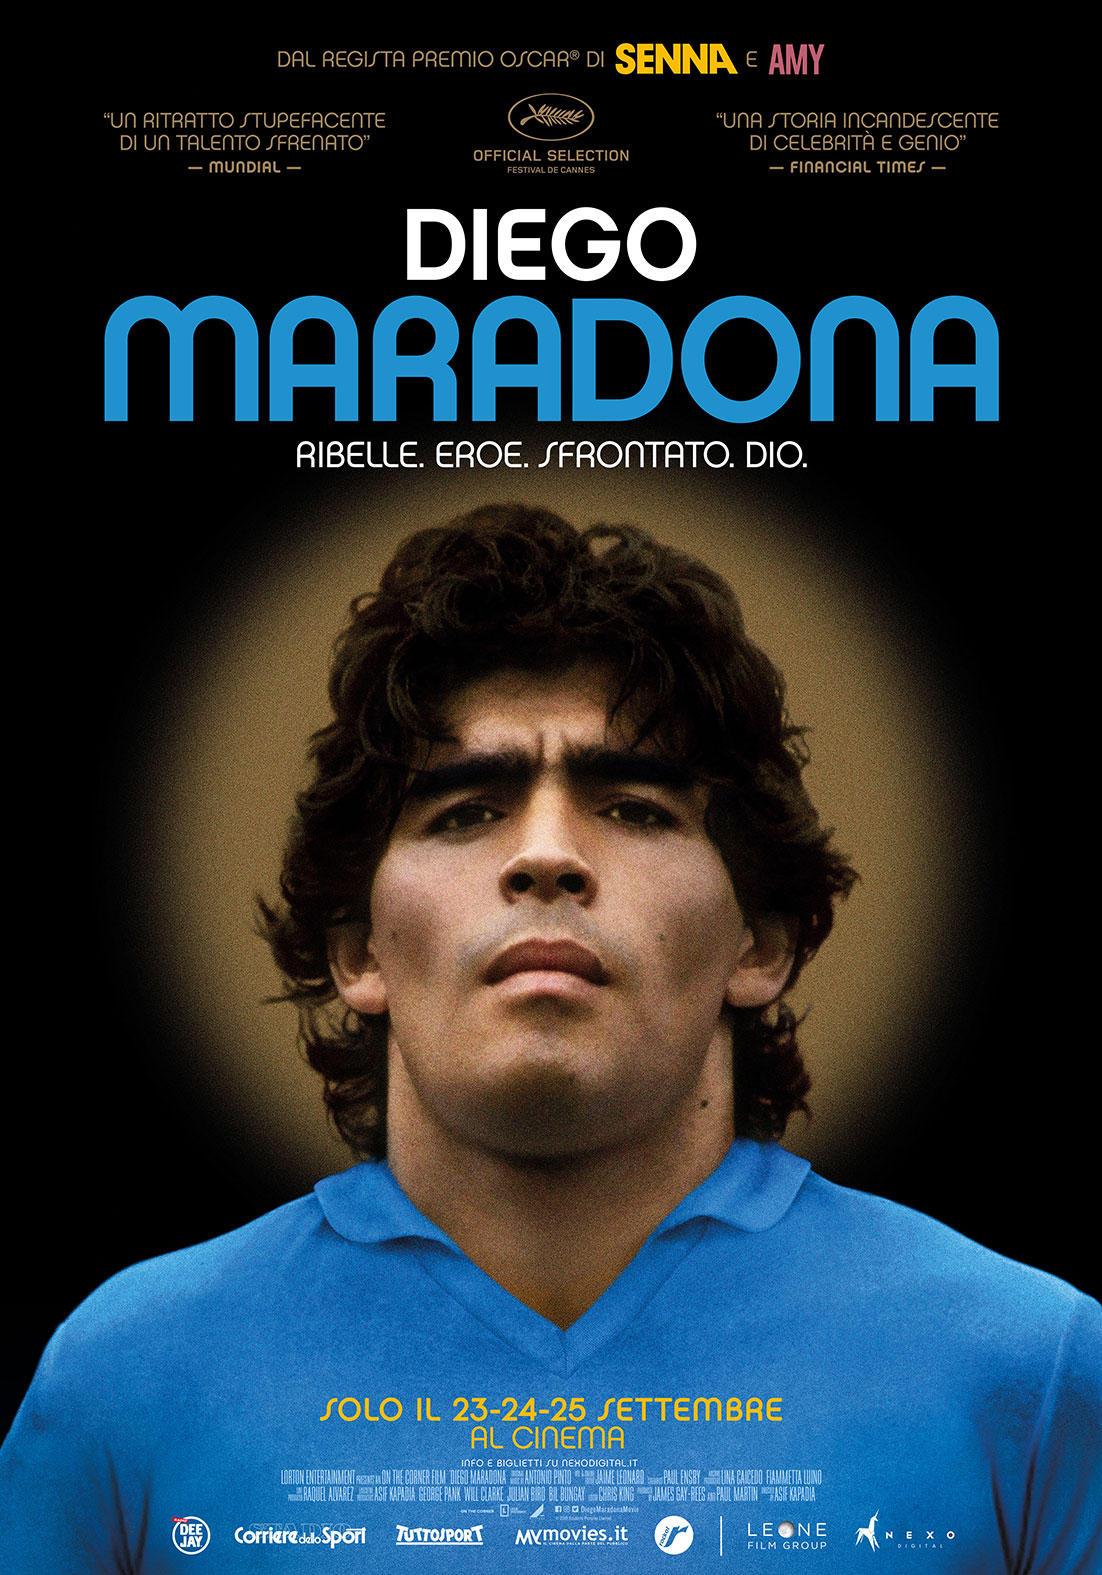 Diego Maradona , le immagini del documentario che arriva al cinema